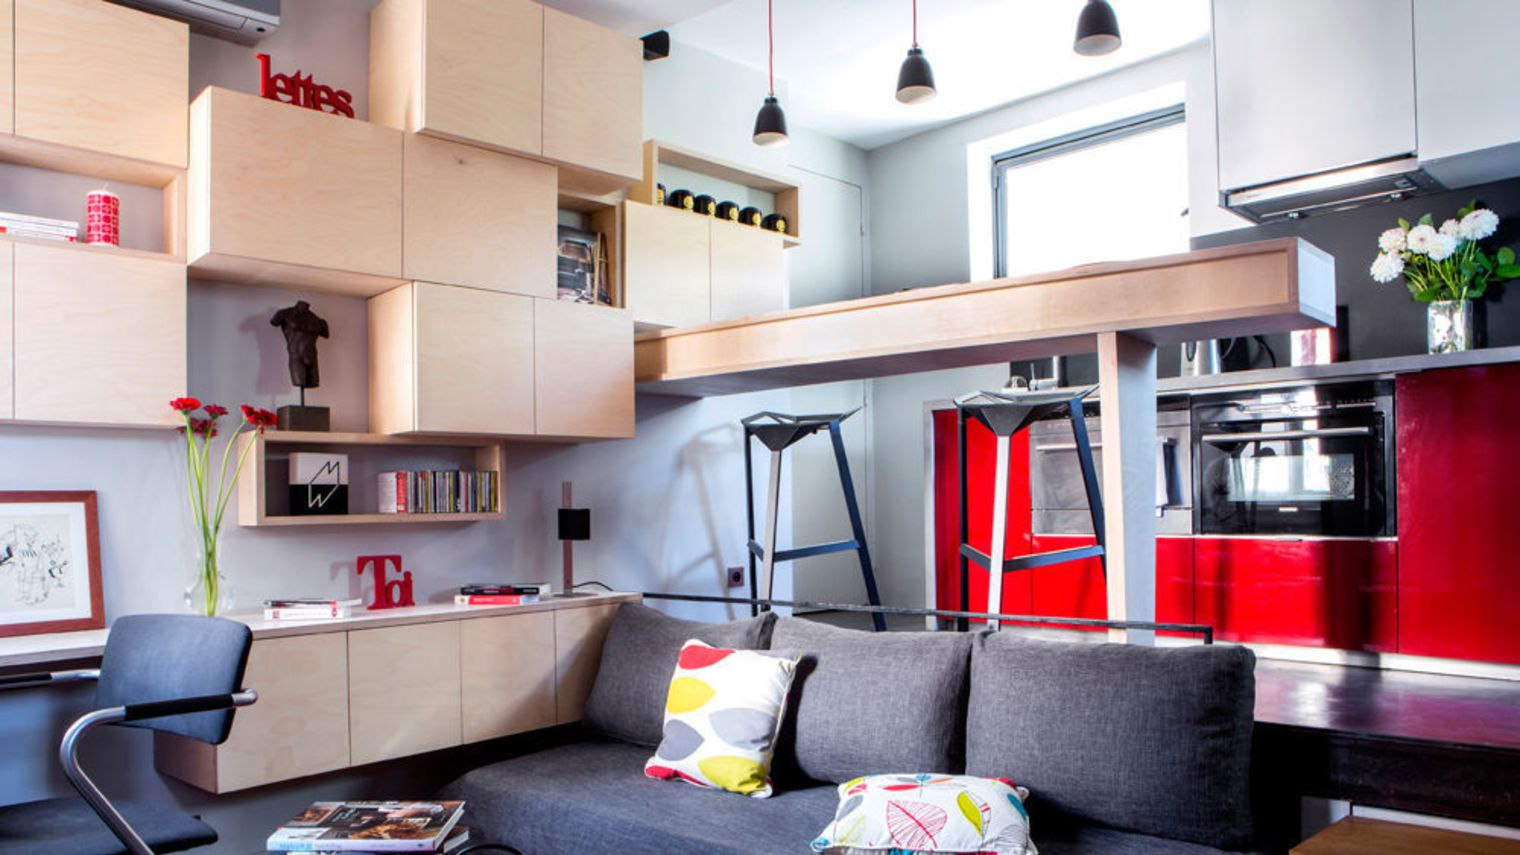 Location appartement Nancy : réalisez tous vos projets !